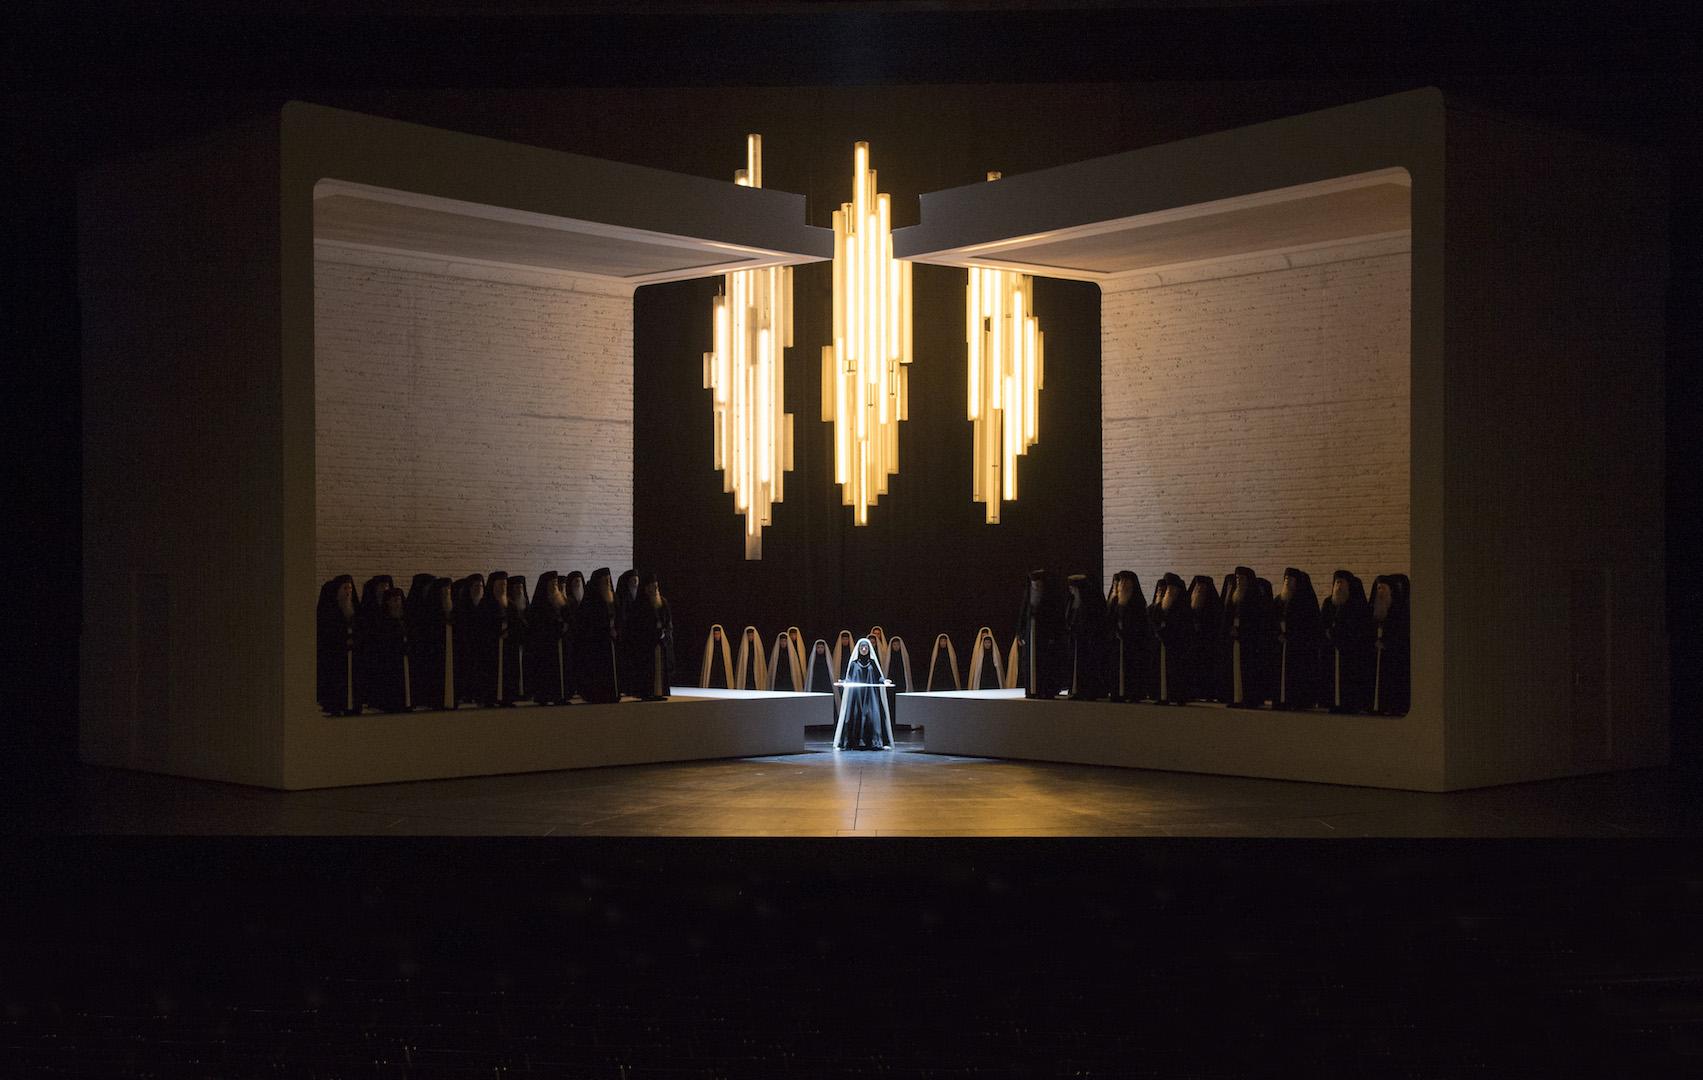 Aida. Regia di Shirin Neshat, 2017. Benedetta Torre